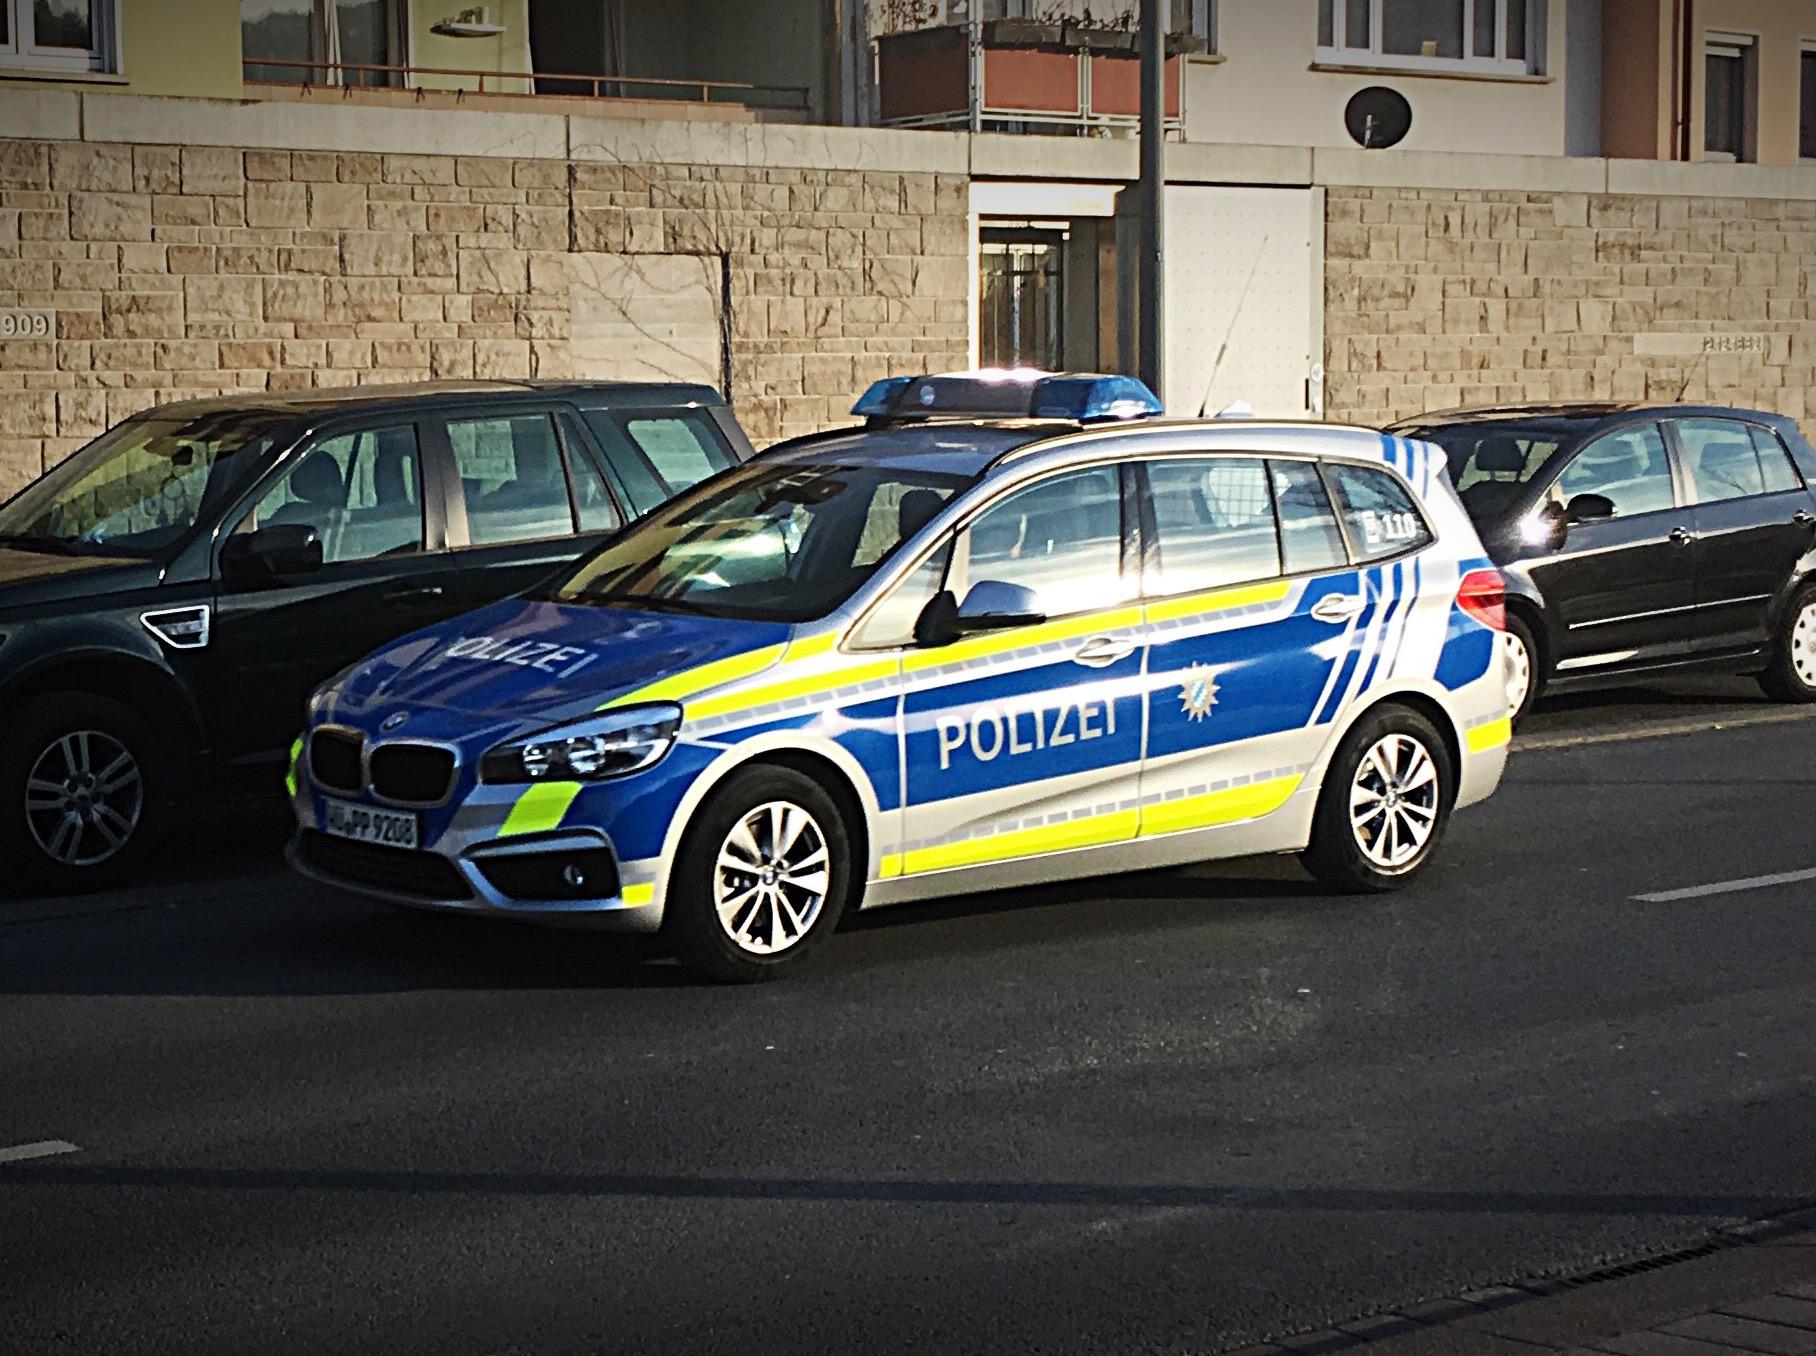 bmw 2er gran tourer im ende 2016 eingefhrten blauen design mit gelben vesba warnmarkierungen - Bewerbung Polizei Bayern